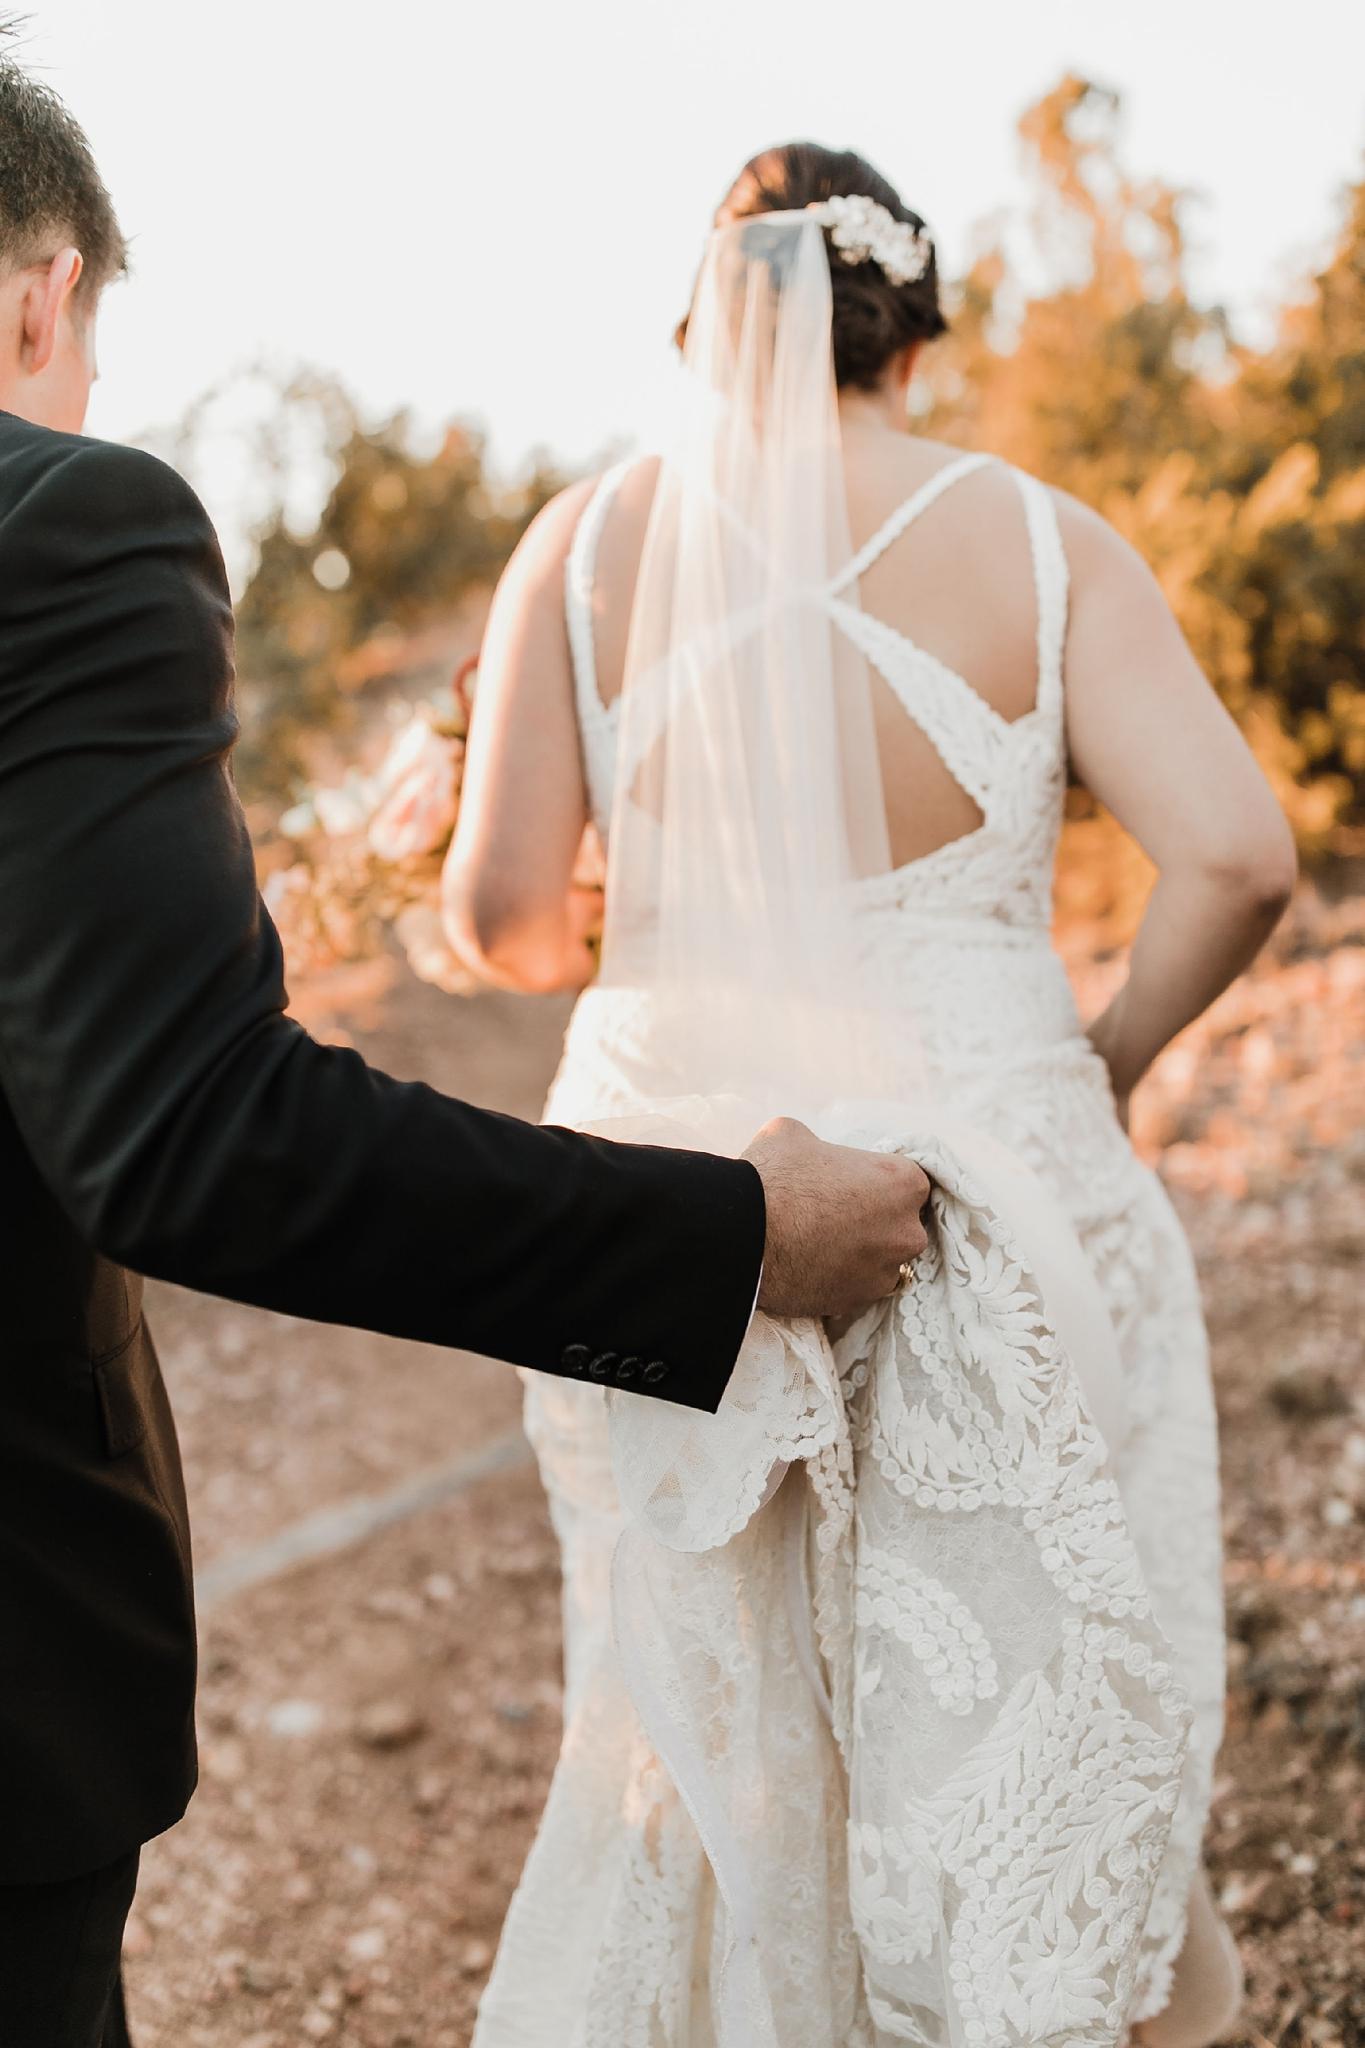 Alicia+lucia+photography+-+albuquerque+wedding+photographer+-+santa+fe+wedding+photography+-+new+mexico+wedding+photographer+-+new+mexico+wedding+-+santa+fe+wedding+-+four+seasons+wedding+-+winter+wedding_0090.jpg